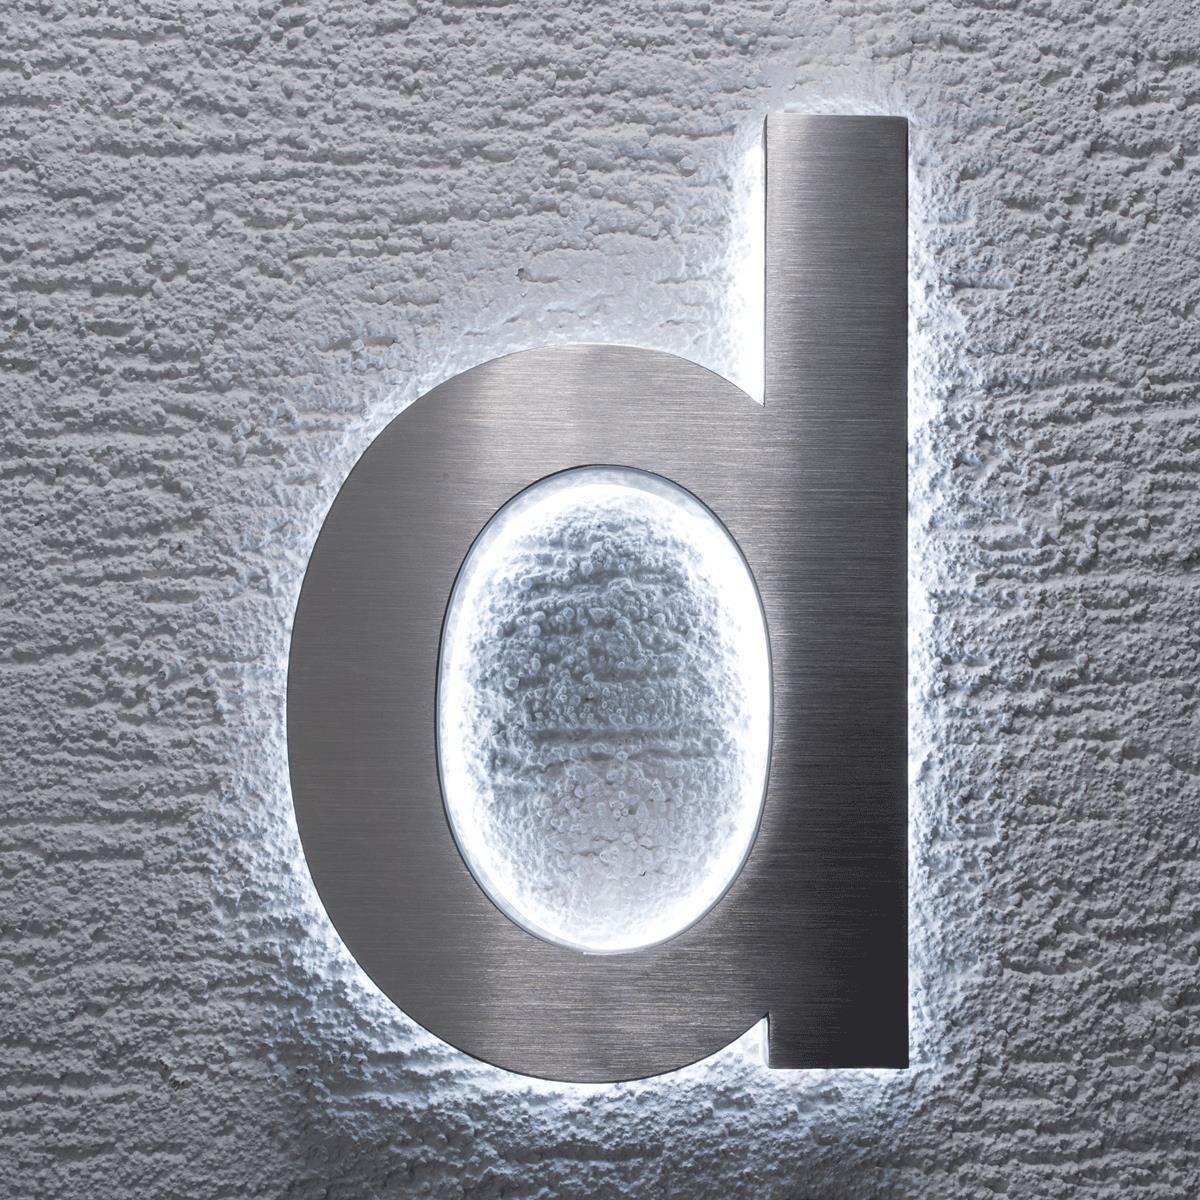 Argento 2.00W inossidabile classico a prova di spruzzi dacqua Metzler-Trade numero civico in acciaio inox V2A 12.00V con illuminazione indiretta in 3D a LED bianco